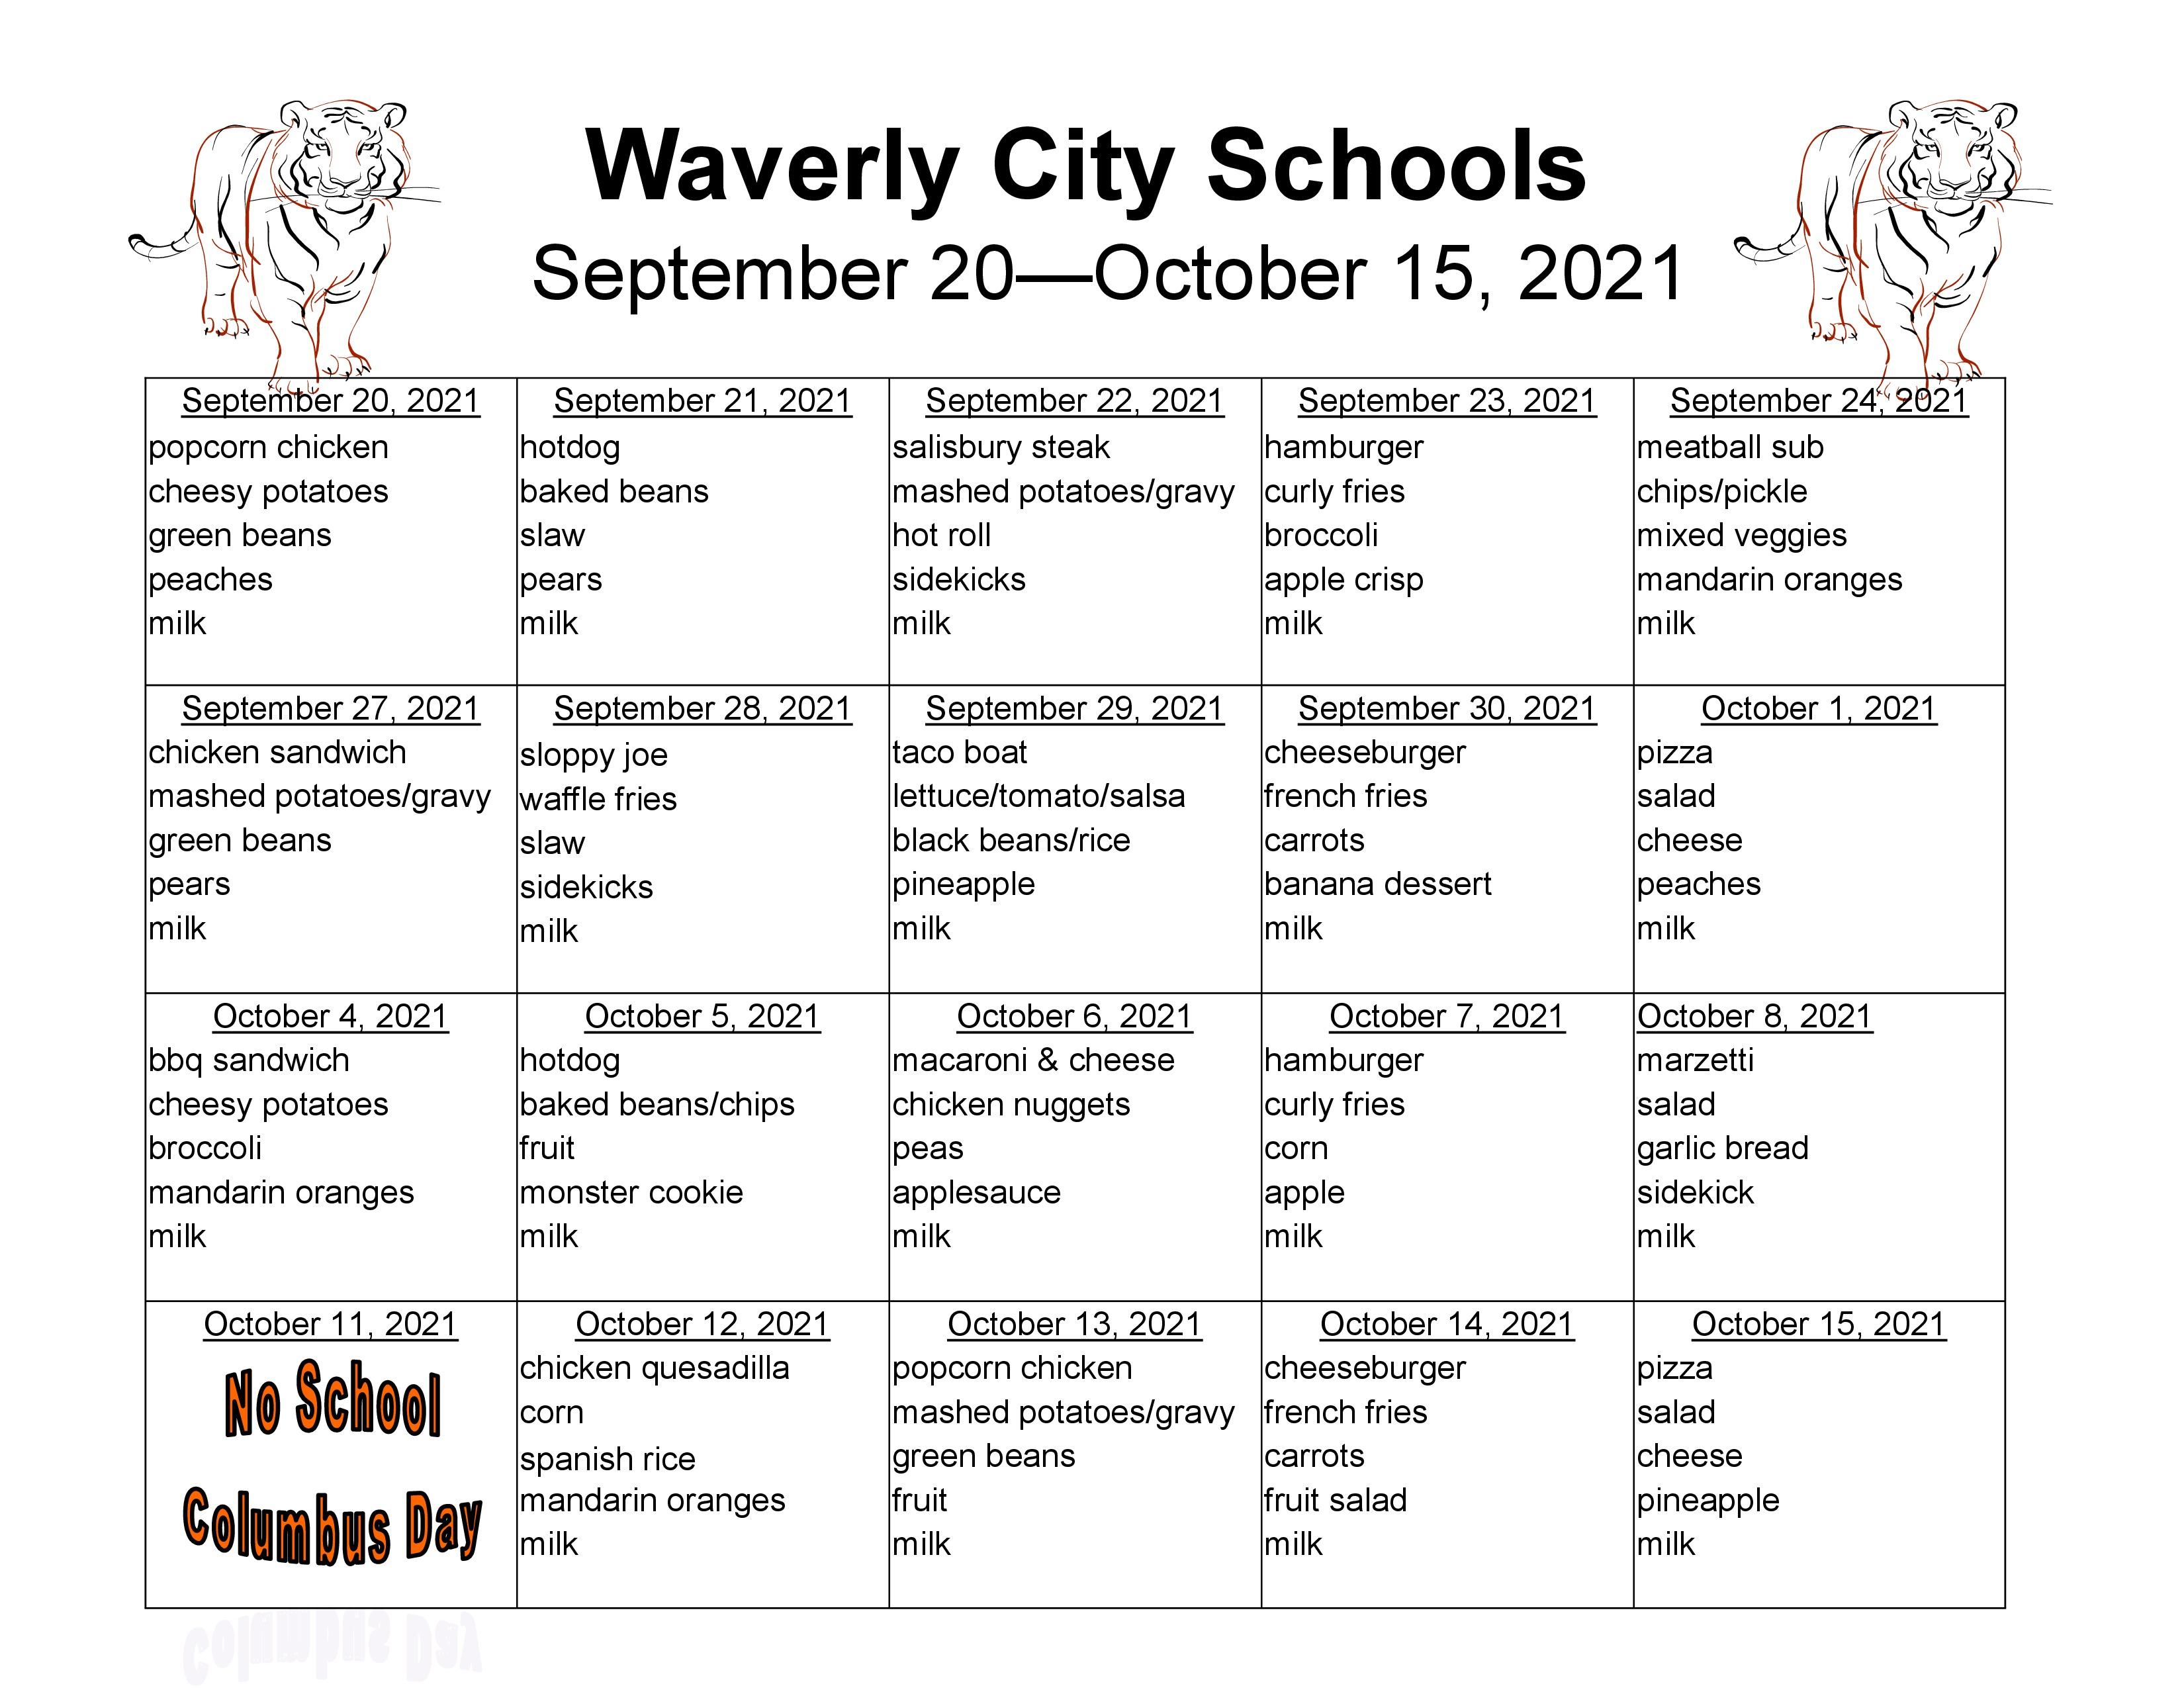 September 20-October 15th